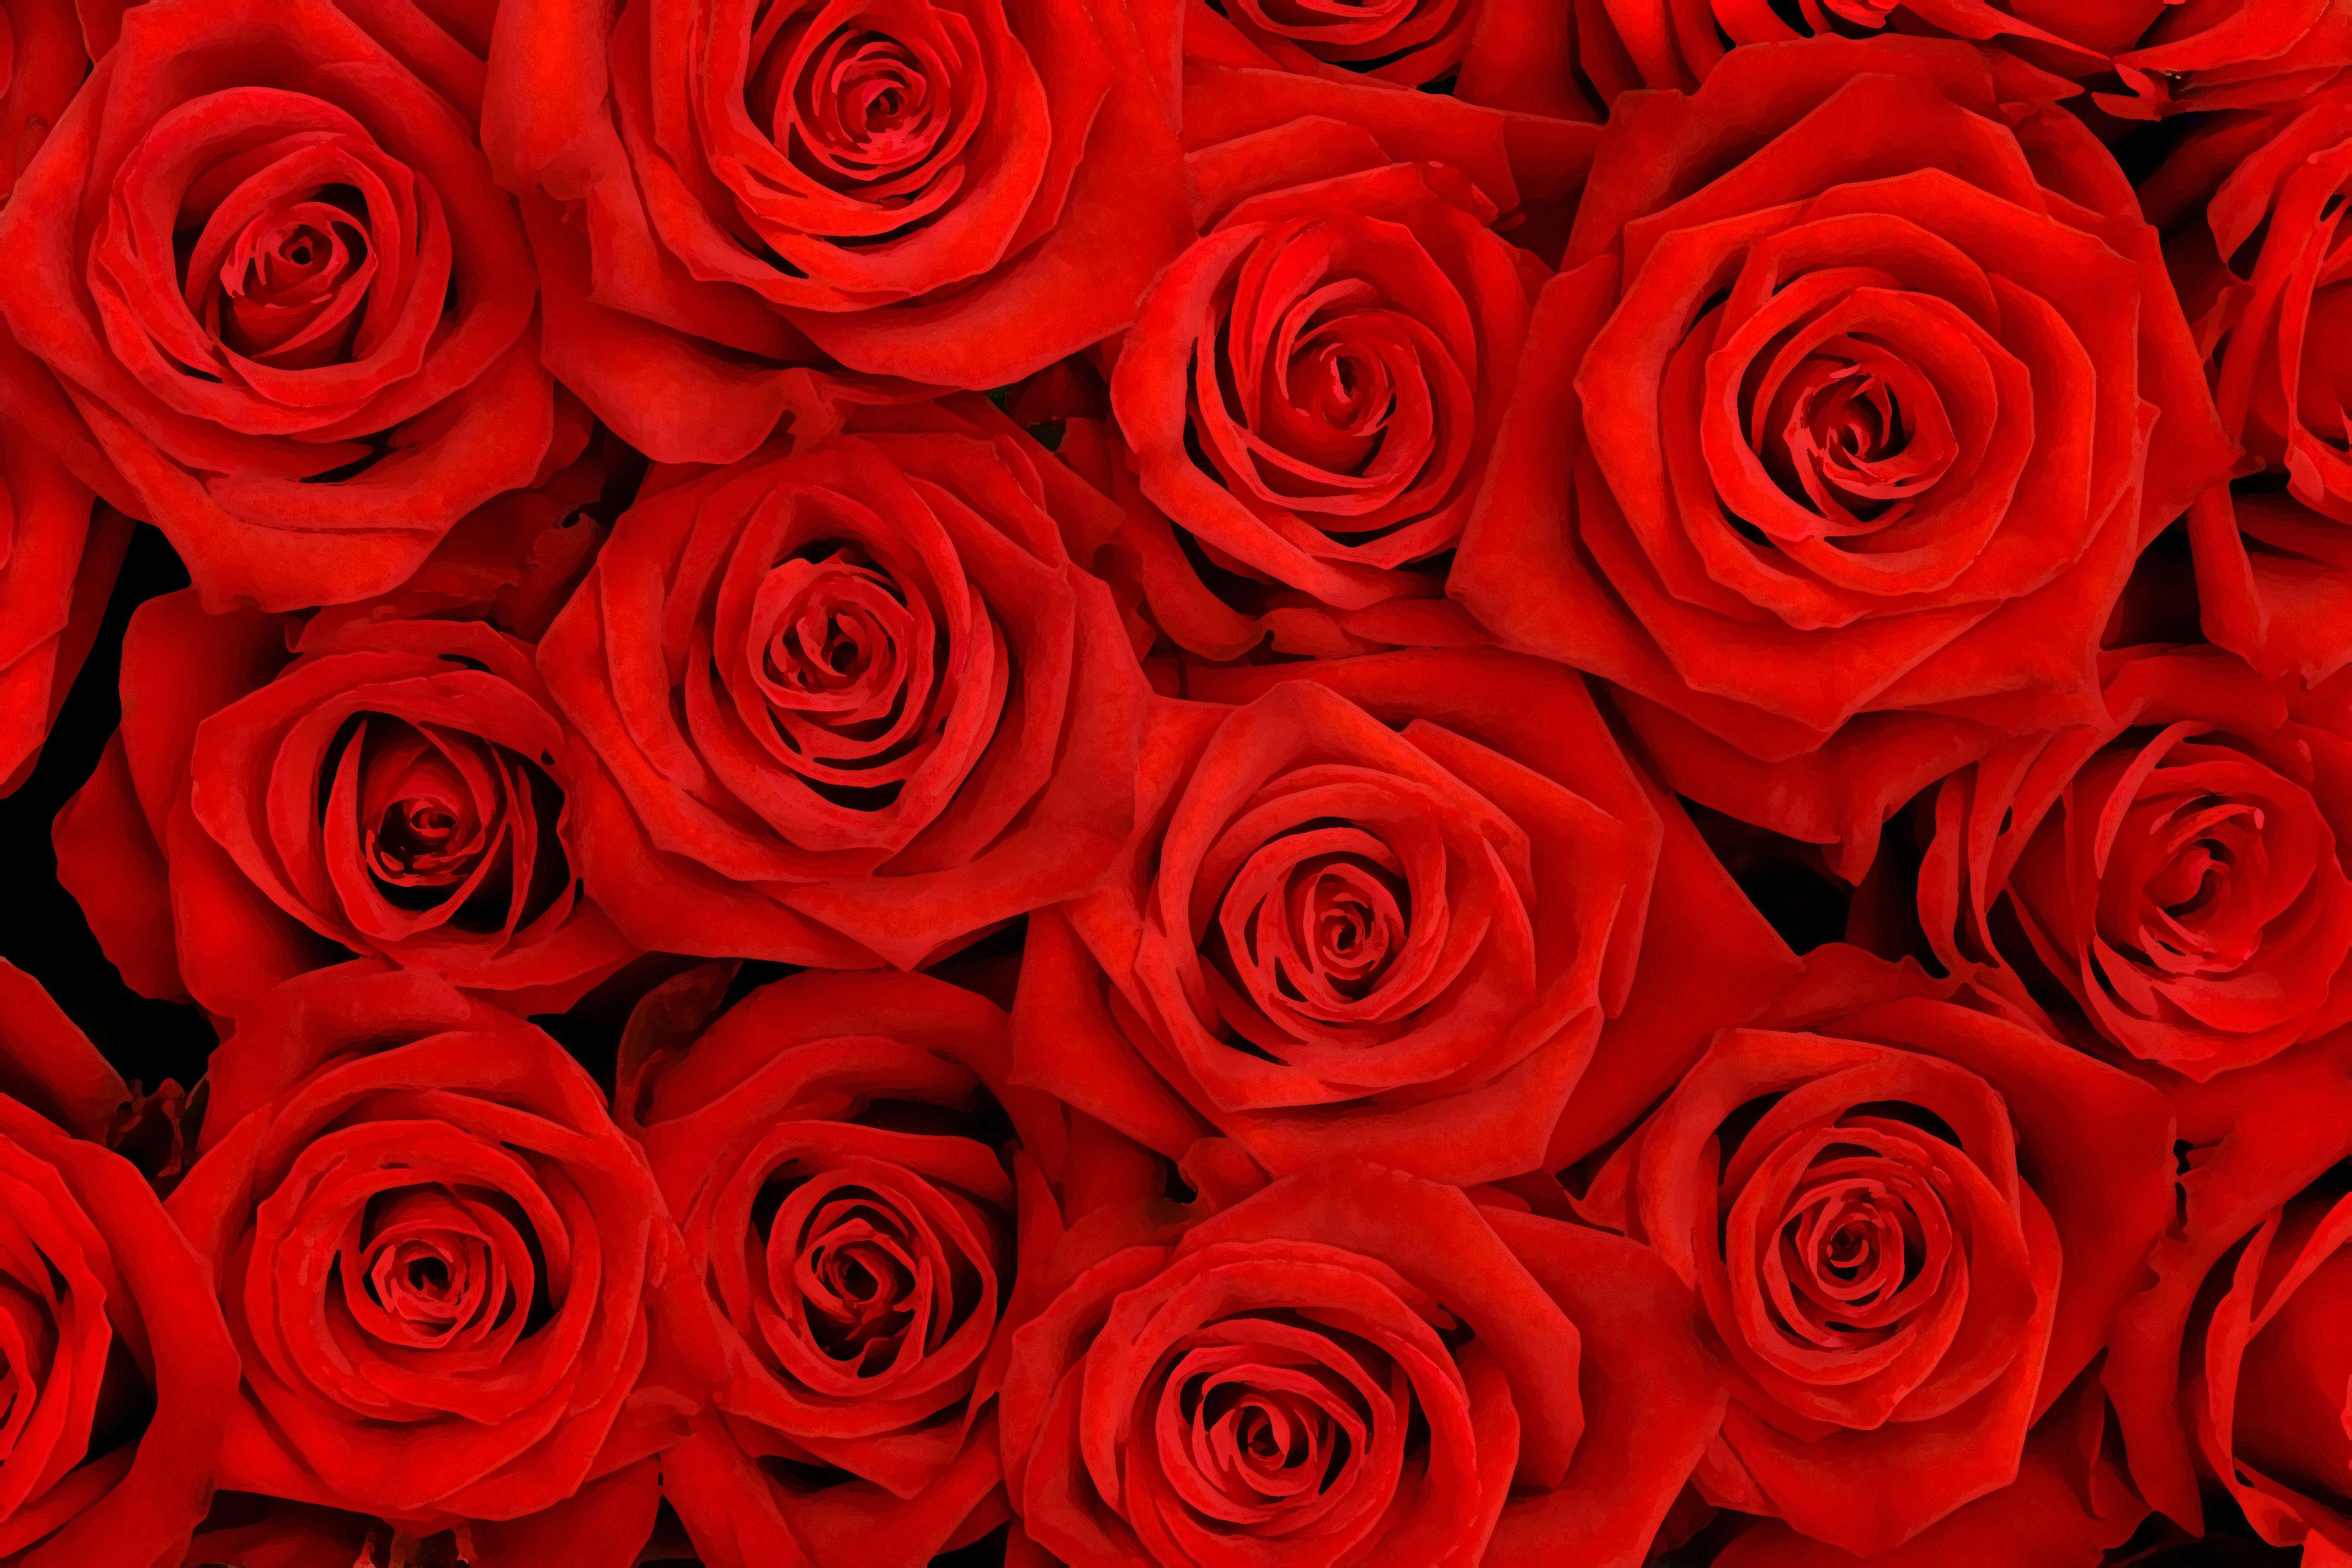 https://flowerillust.com/img/flower/flower-back0991.jpg